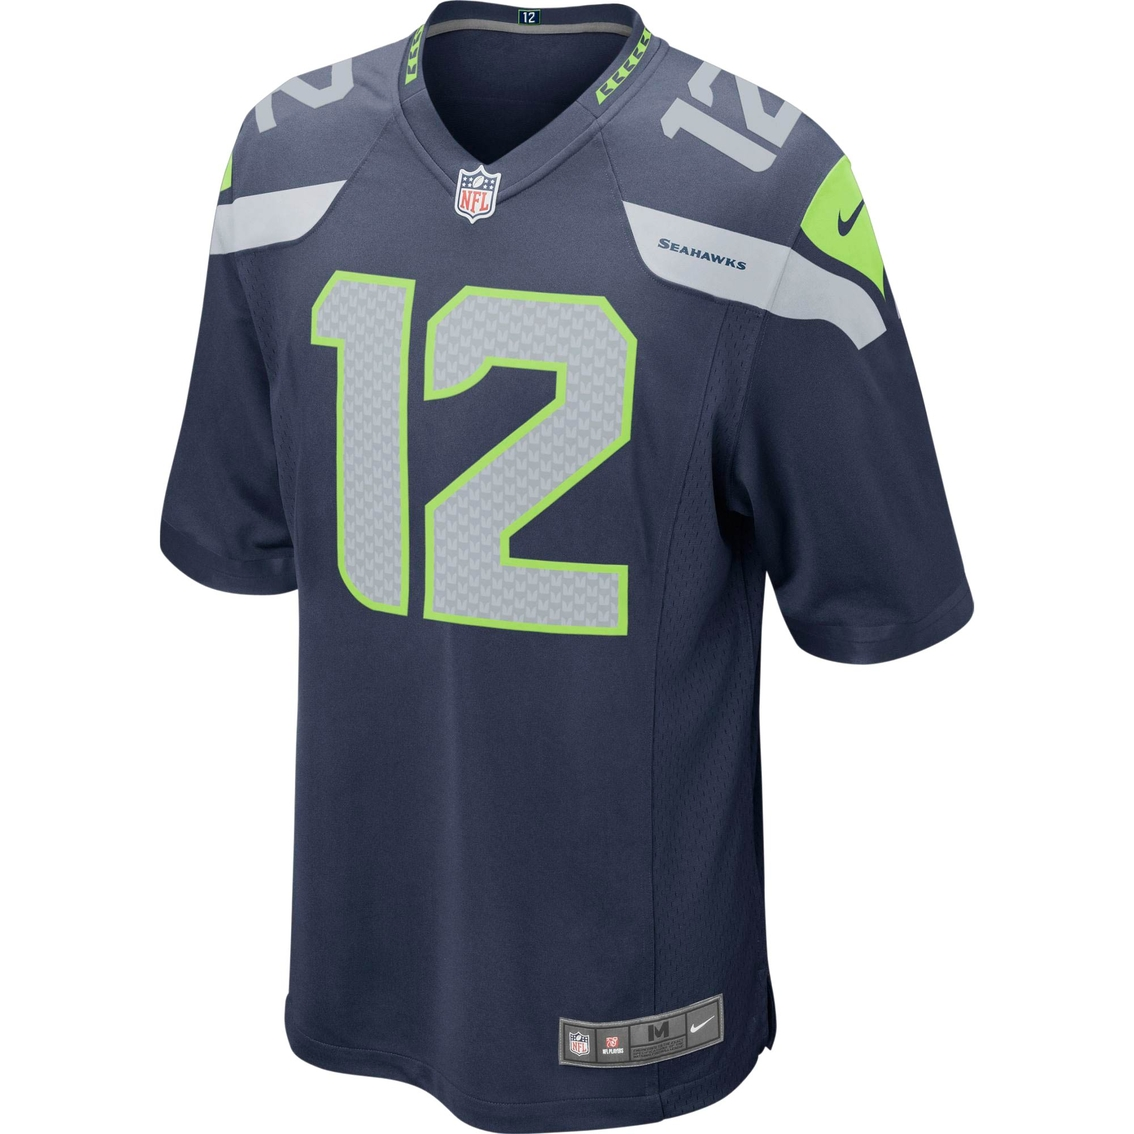 brand new 19aca 3ed87 Nike Nfl Seattle Seahawks Fan Game Jersey | Jerseys | Sports ...